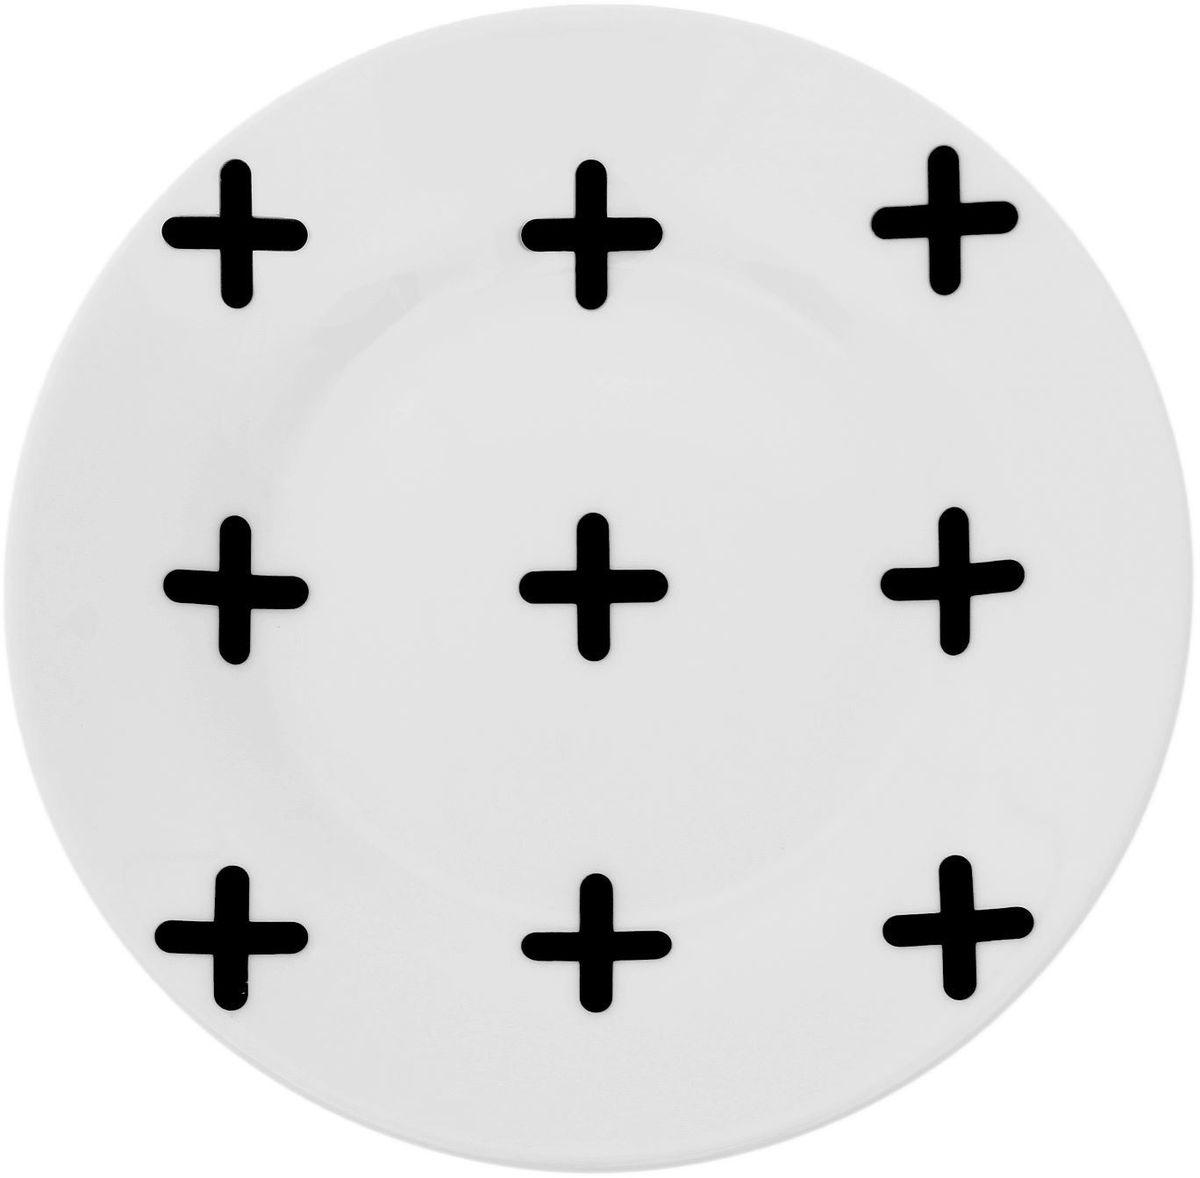 Тарелка мелкая Сотвори чудо My Little Cross, диаметр 15,5 см. 16618261661826Хотите обновить интерьер кухни или гостиной? Устраиваете необычную фотосессию или тематический праздник? А может, просто ищете подарок для близкого человека? Посуда Сотвори Чудо — правильный выбор в любой ситуации. Тарелка Сотвори Чудо, изготовленная из изящного фаянса нежного сливочного цвета, оформлена оригинальным рисунком со стойкой краской. Пригодна для посудомоечной машины.